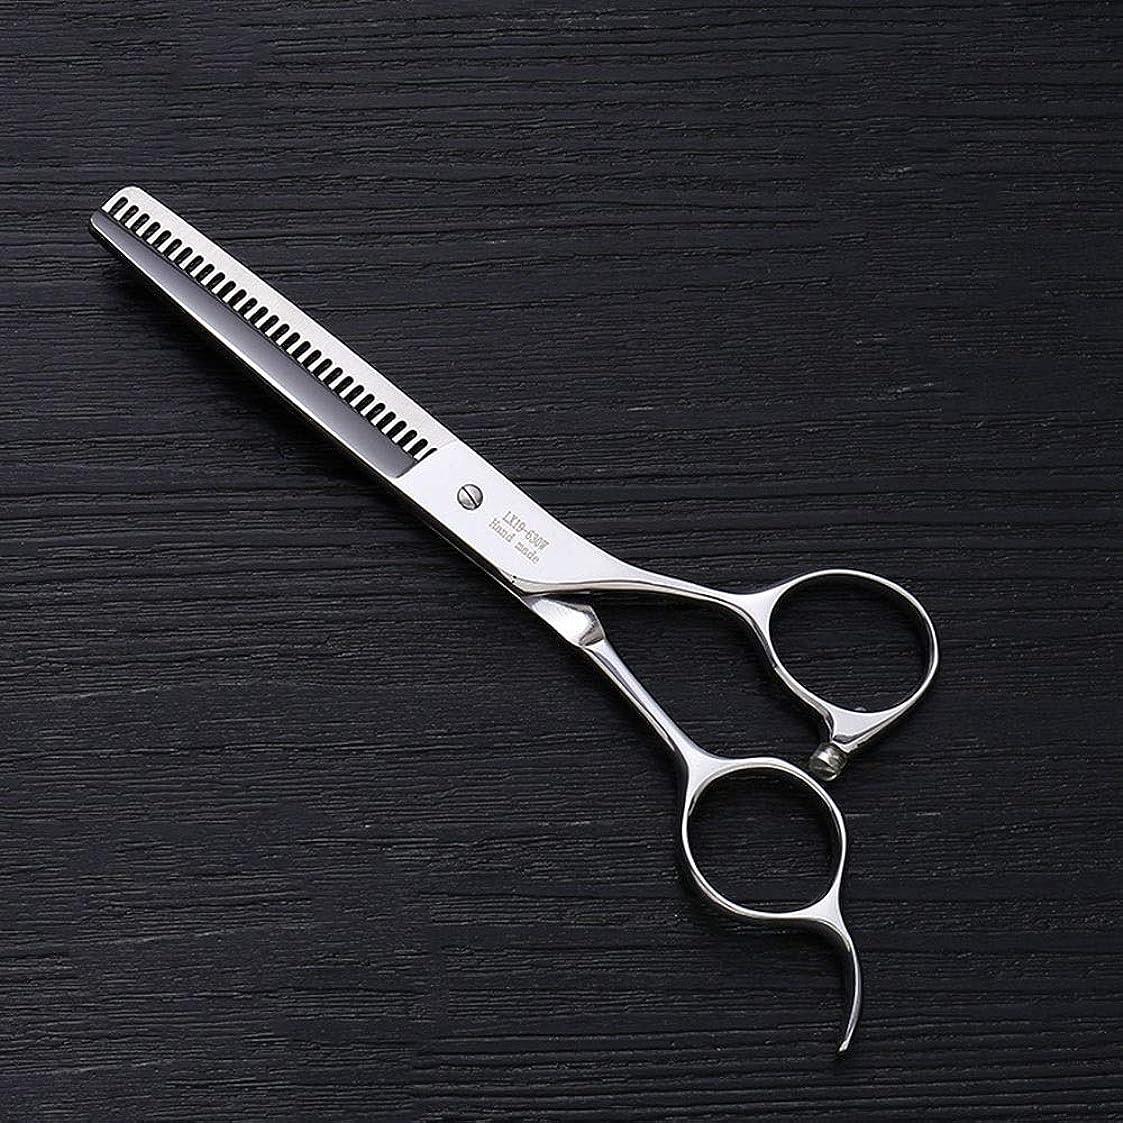 認める兵隊通訳6.0インチプロフェッショナルアントラー歯ステンレス鋼の歯はさみ理髪はさみヘアスタイリスト特別な理髪はさみ モデリングツール (色 : Silver)